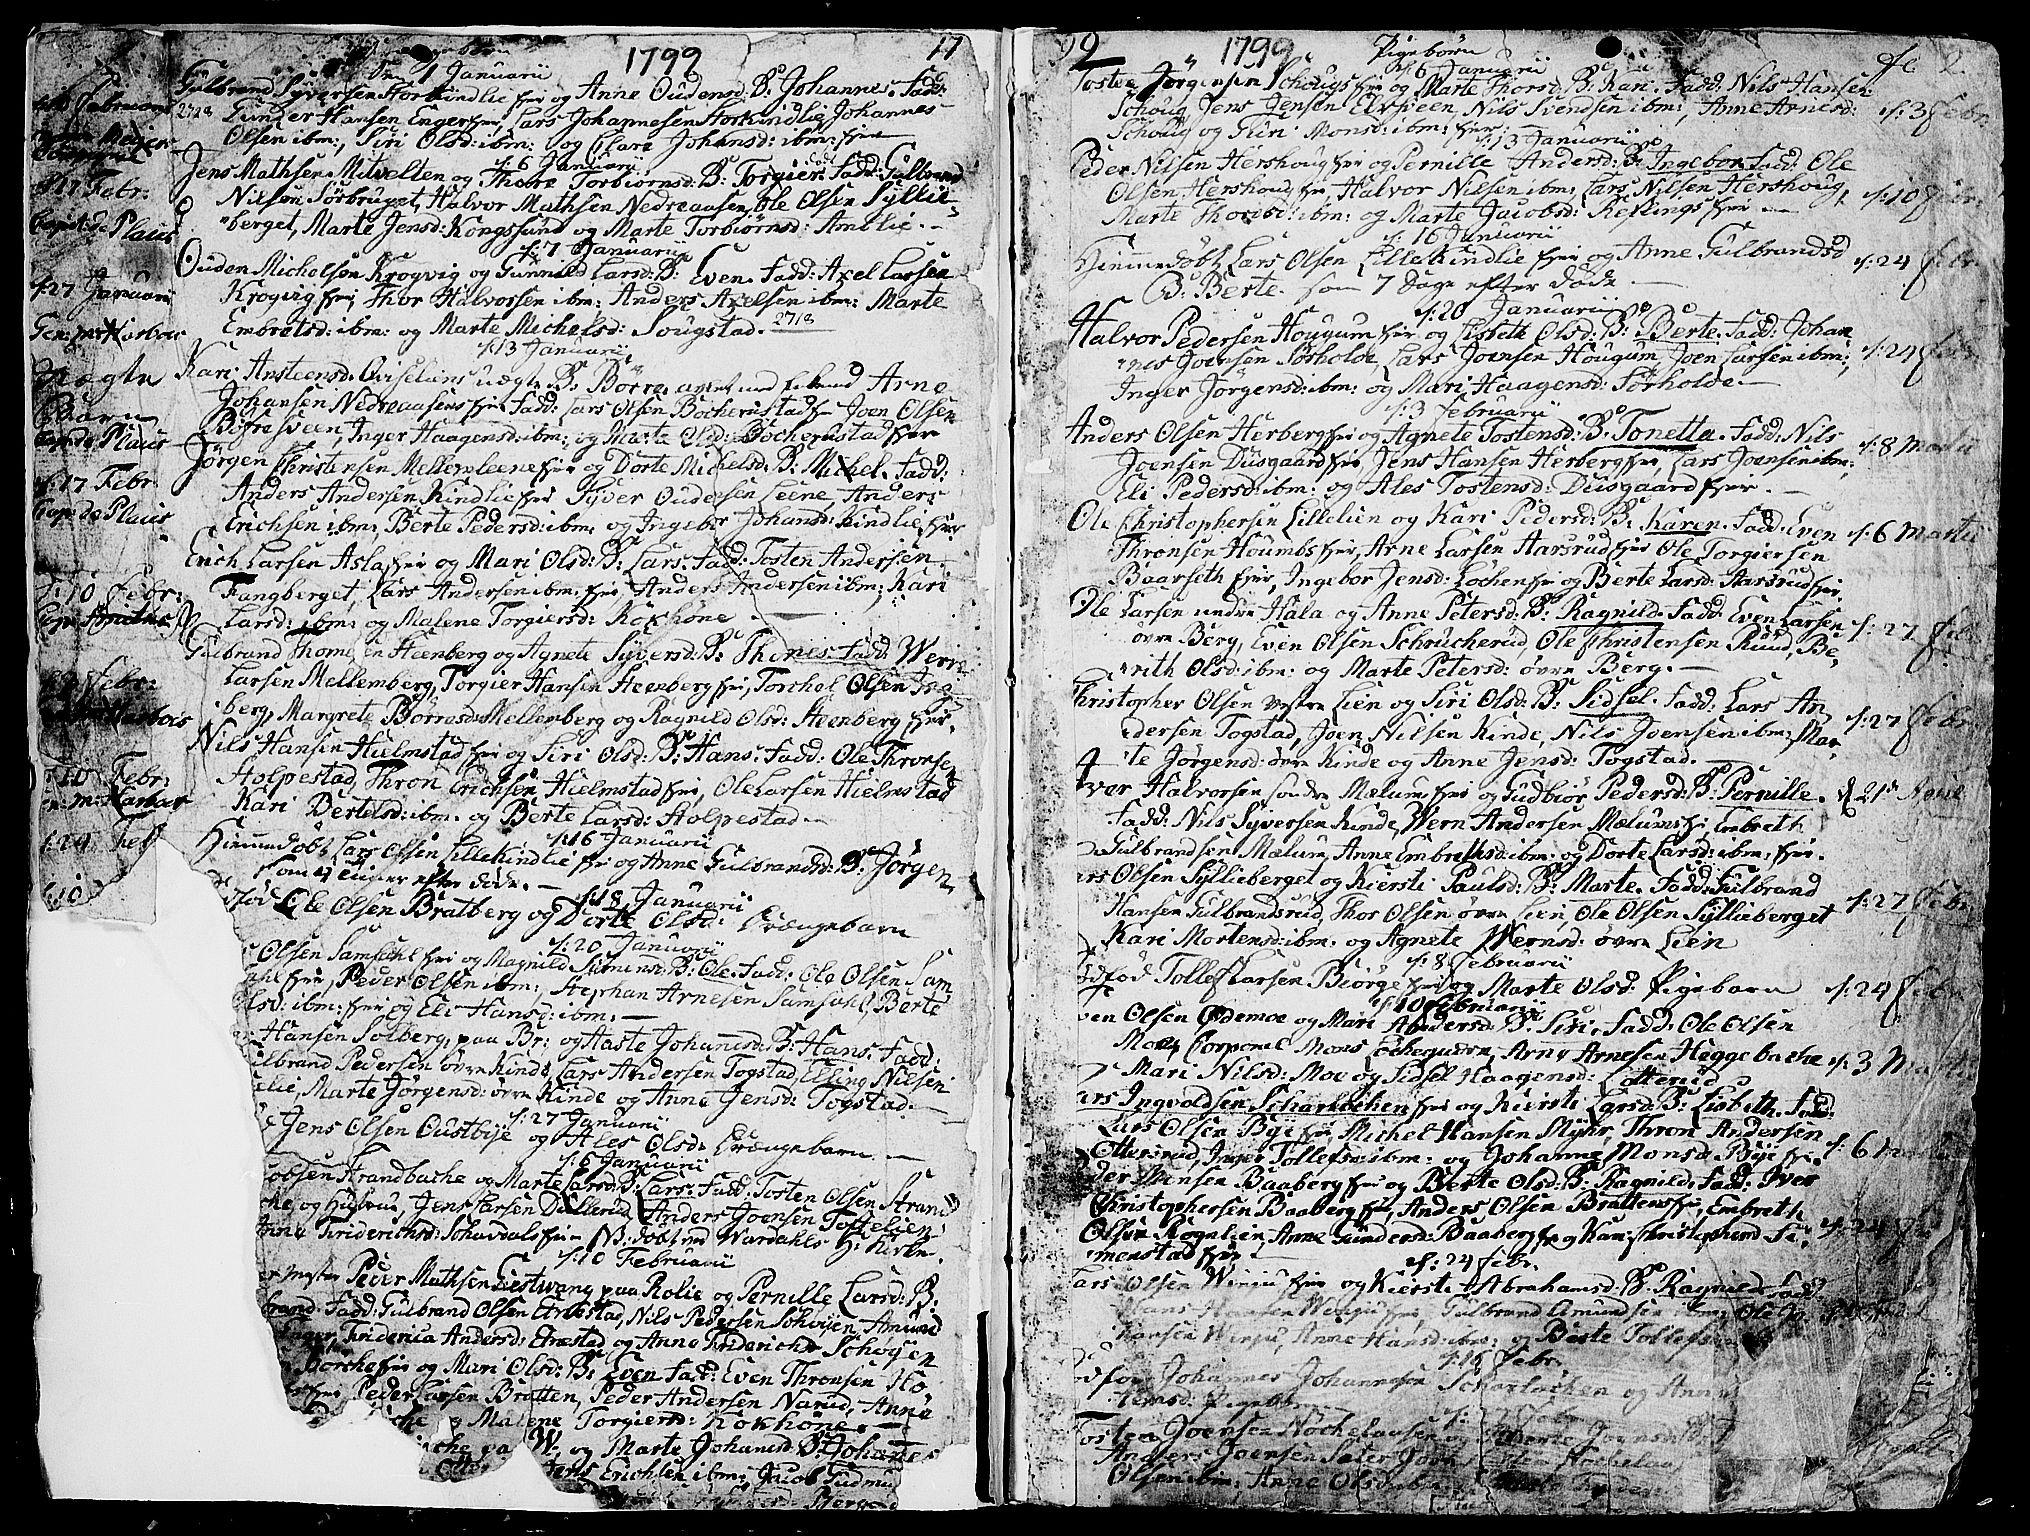 SAH, Ringsaker prestekontor, K/Ka/L0004: Ministerialbok nr. 4, 1799-1814, s. 2